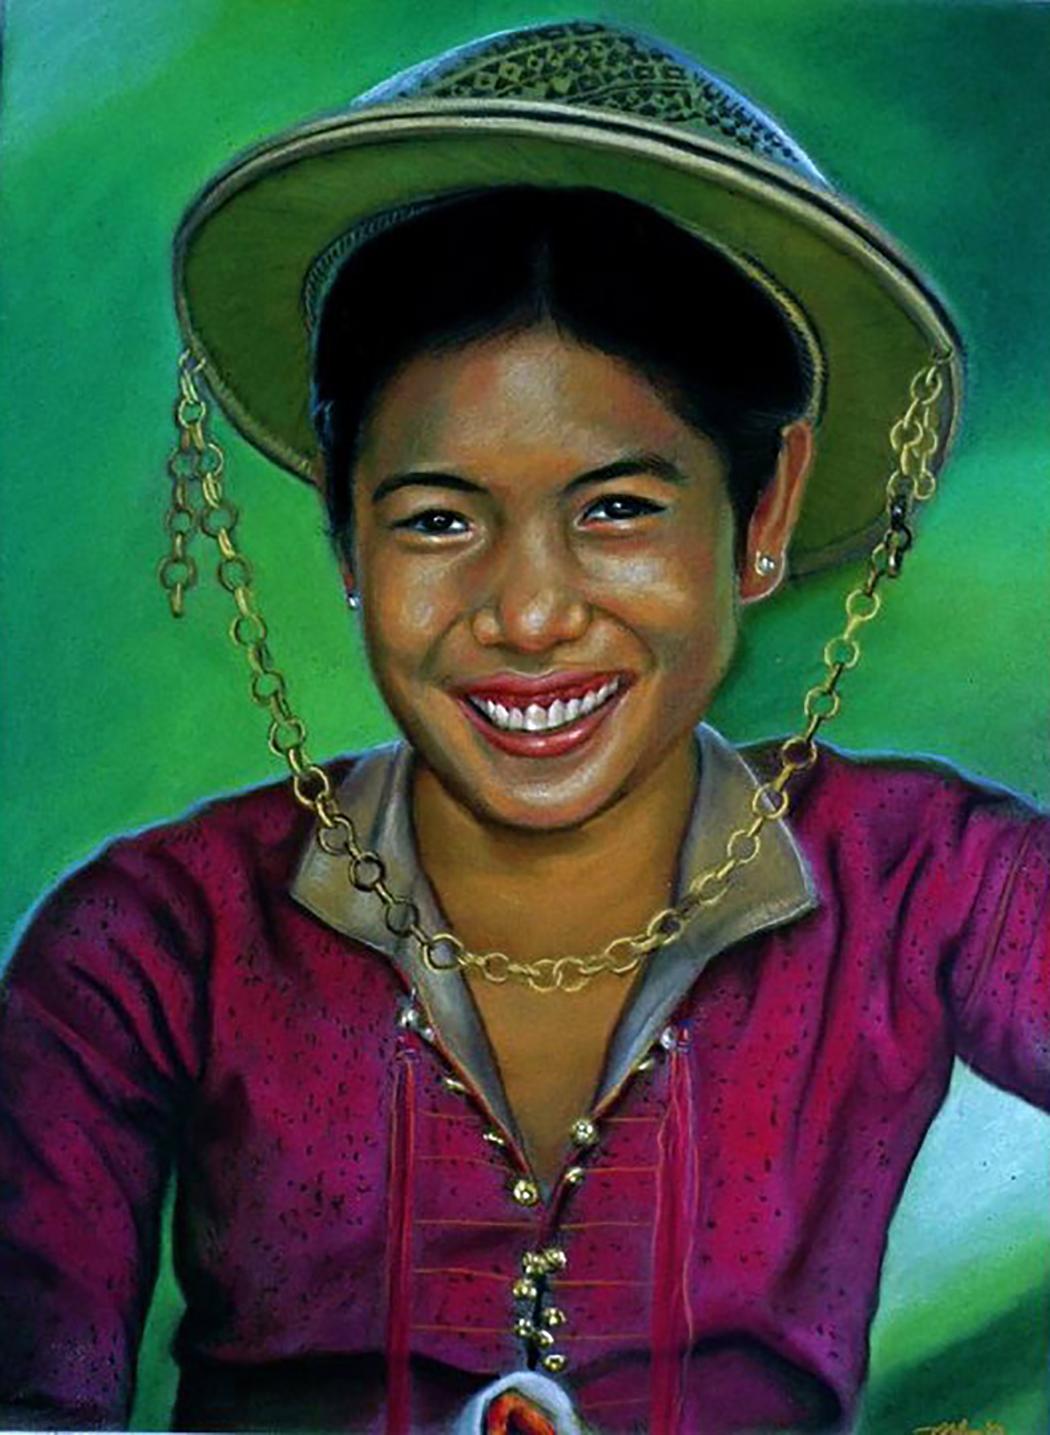 Girl from Basilan (1993)